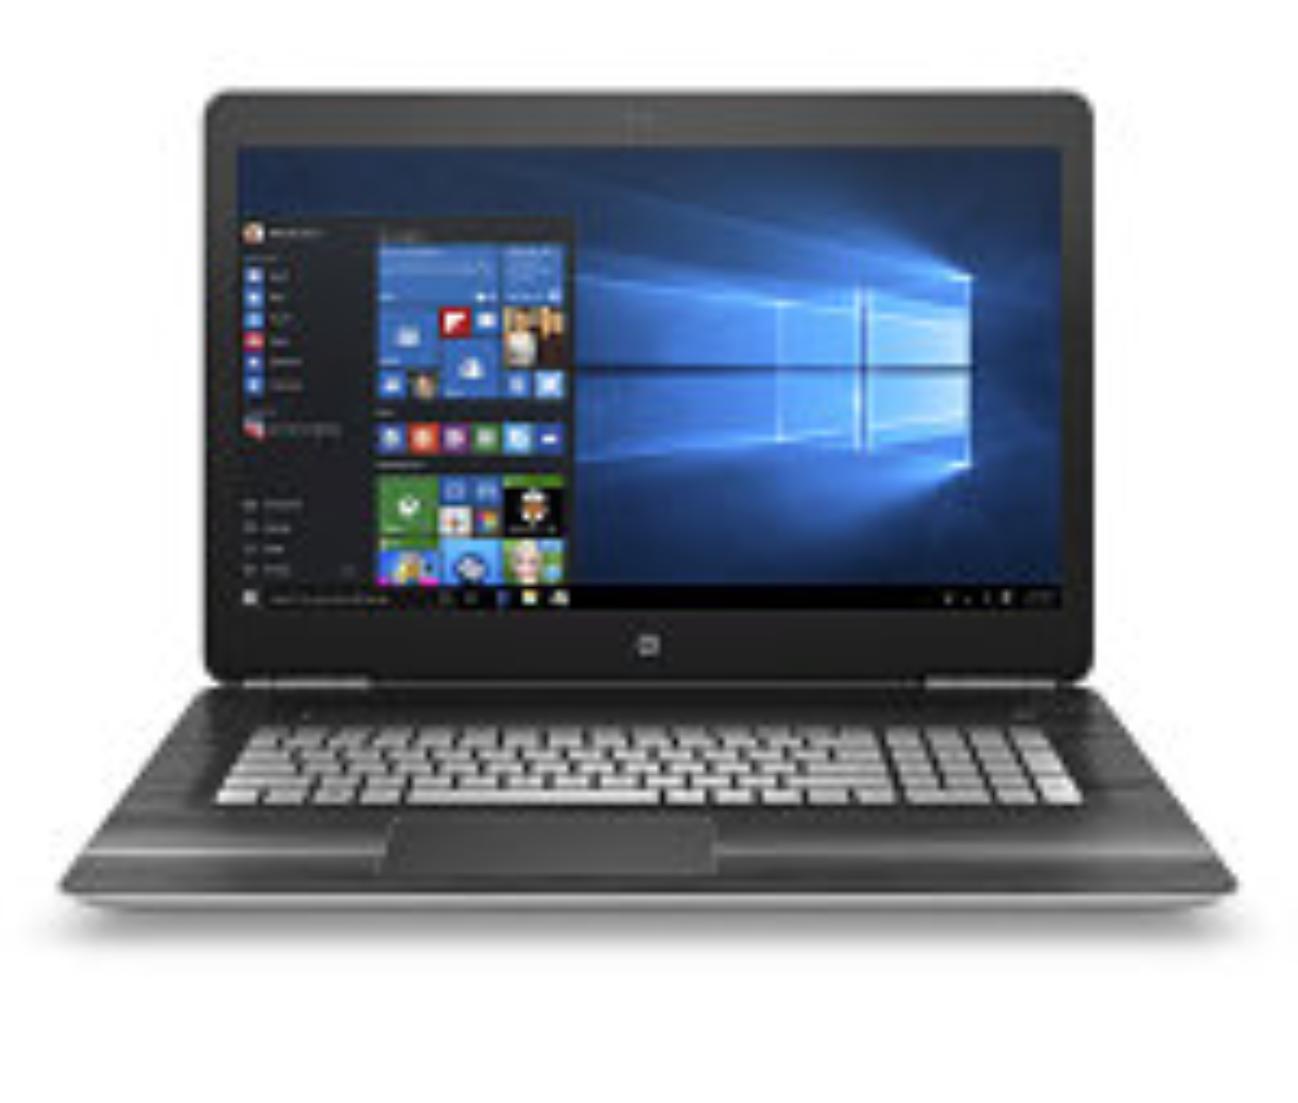 """NTB HP Pavilion Gaming 17-ab007nc 17.3"""" AG UHD WLED,Intel i7-6700HQ,16GB,1TB+128GB SSD,GeF GTX 960M-4GB,DVDR,Win10"""